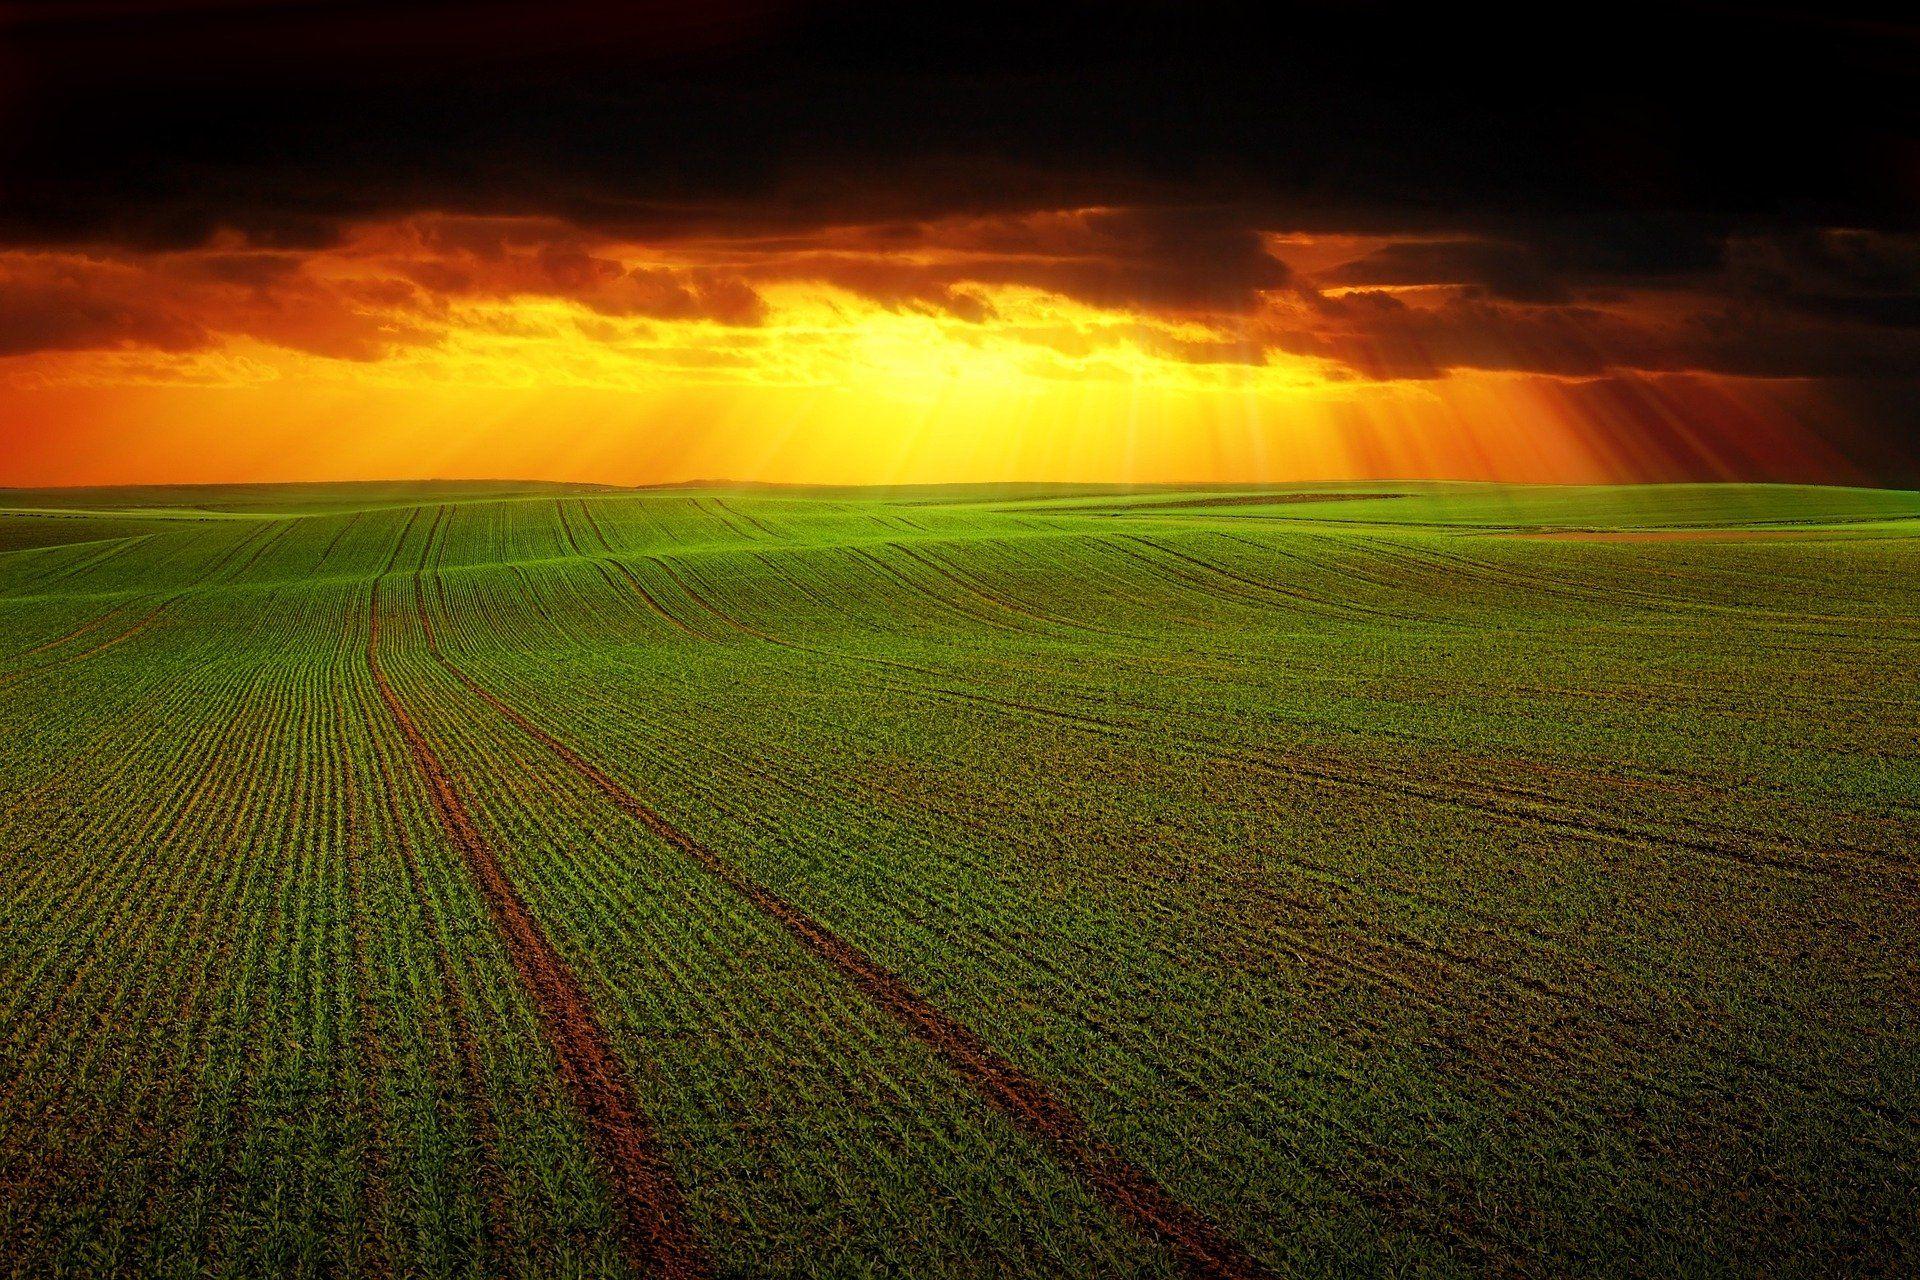 Devolución gasóleo agrícola 2.020.